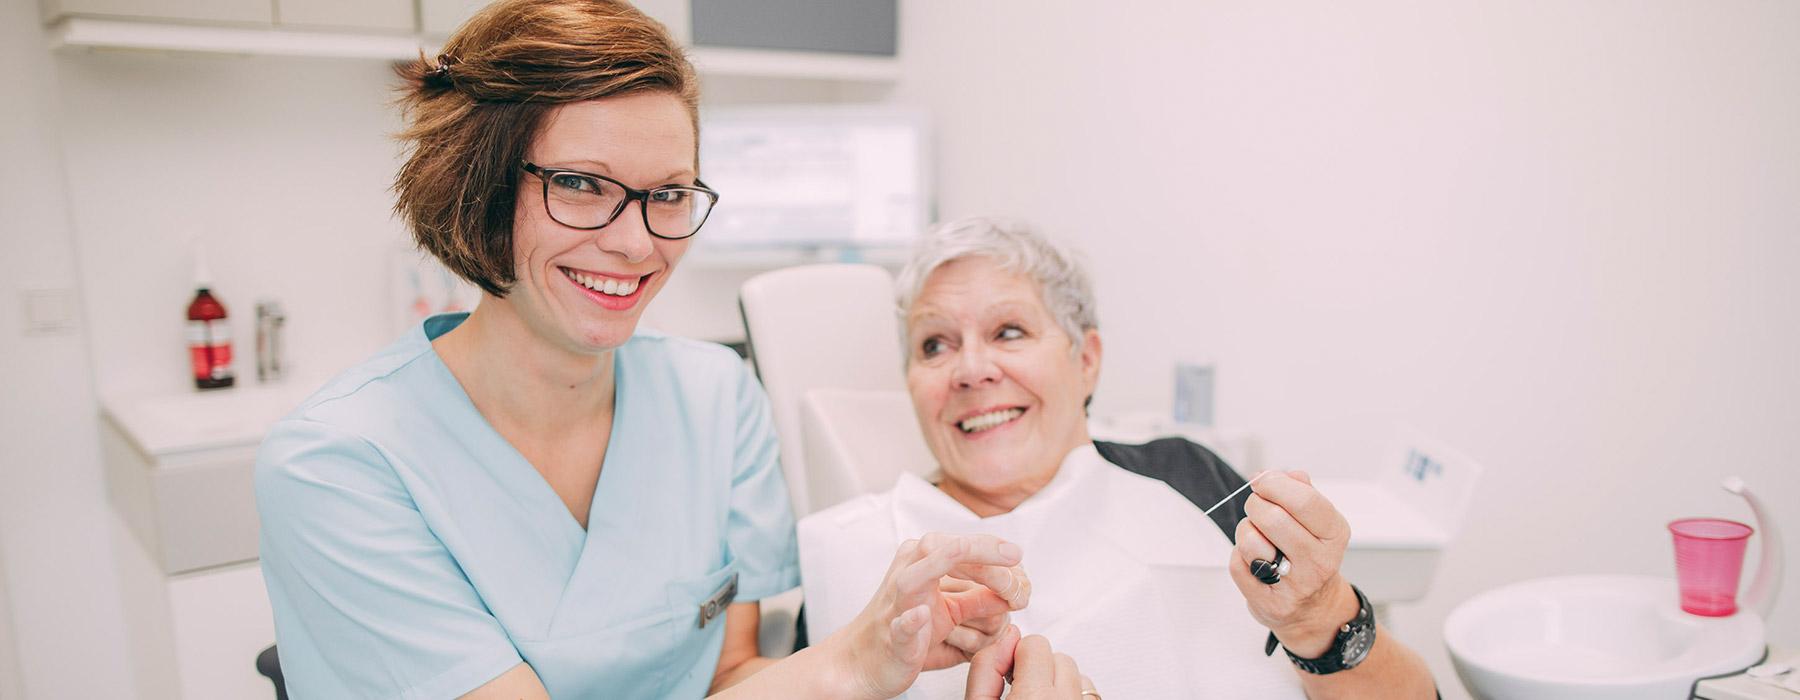 Mitarbeiterin und Patientin freuen sich über gelungene Zahnprophylaxe in Frankfurt